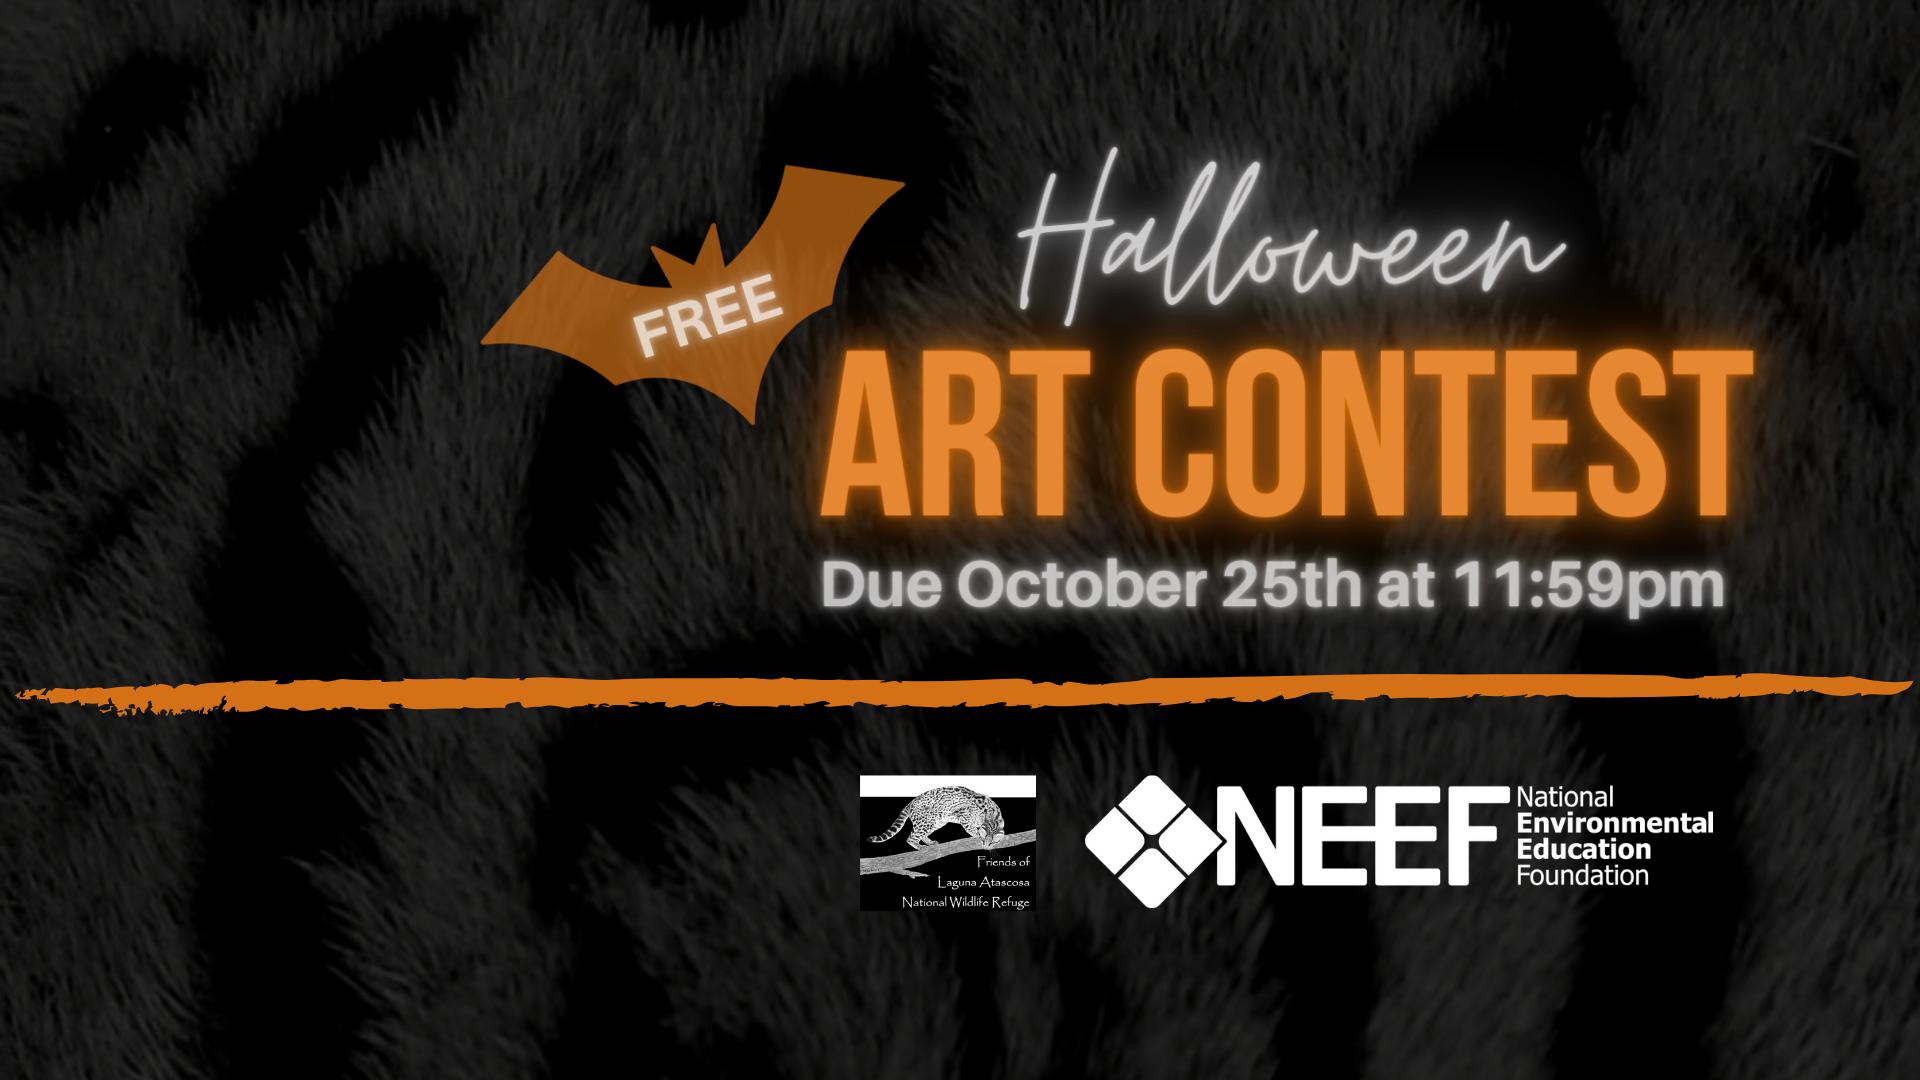 HalloweenArtContest_FBEventcover